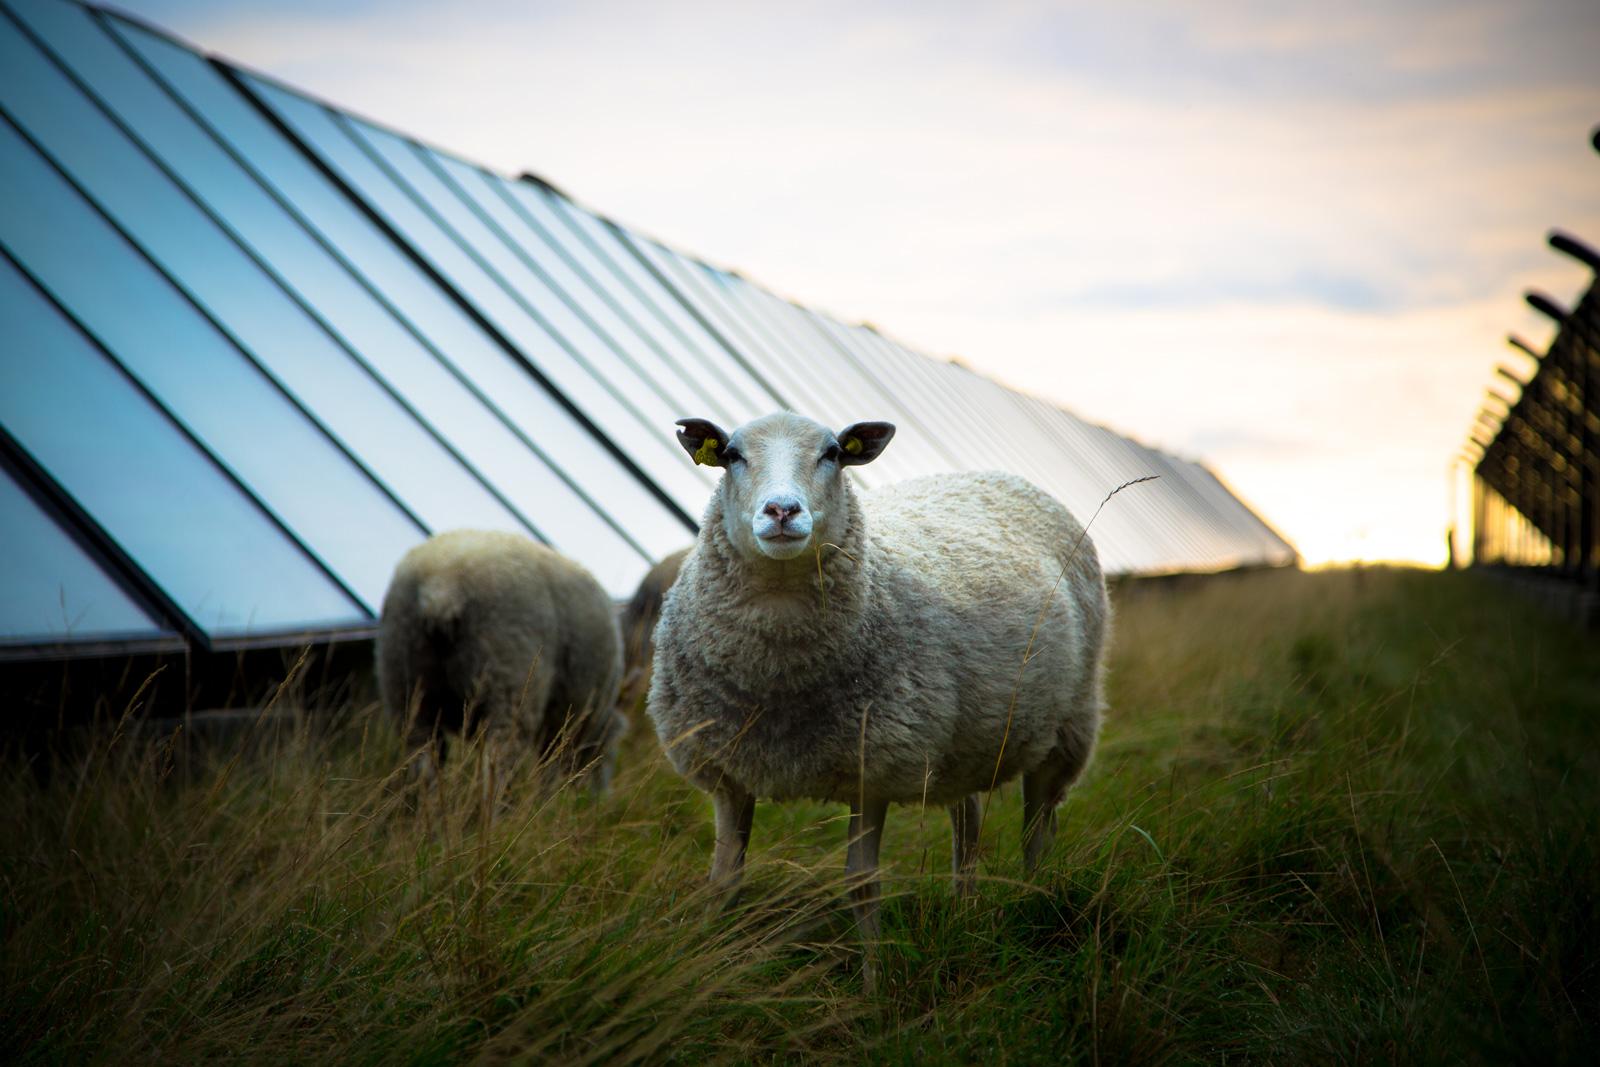 Solparkens solceller står op